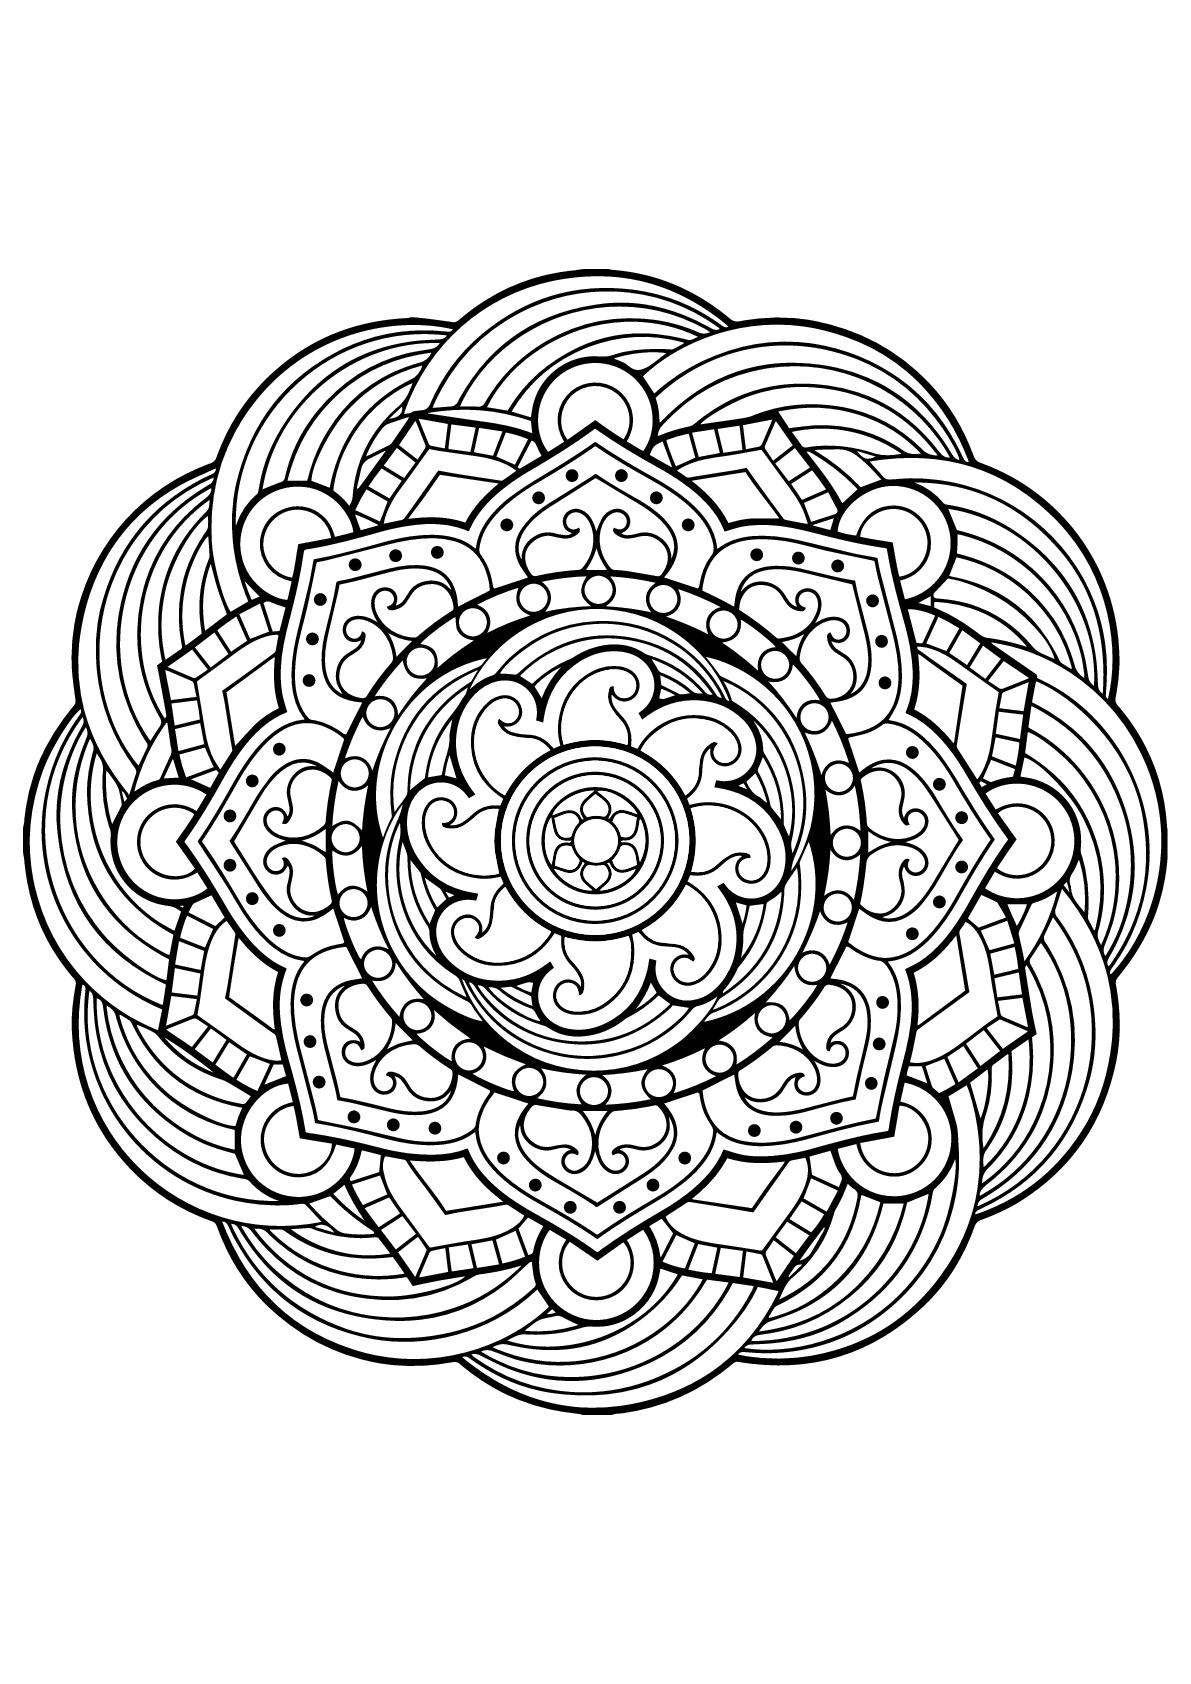 Disegni da colorare per adulti : Mandalas - 5